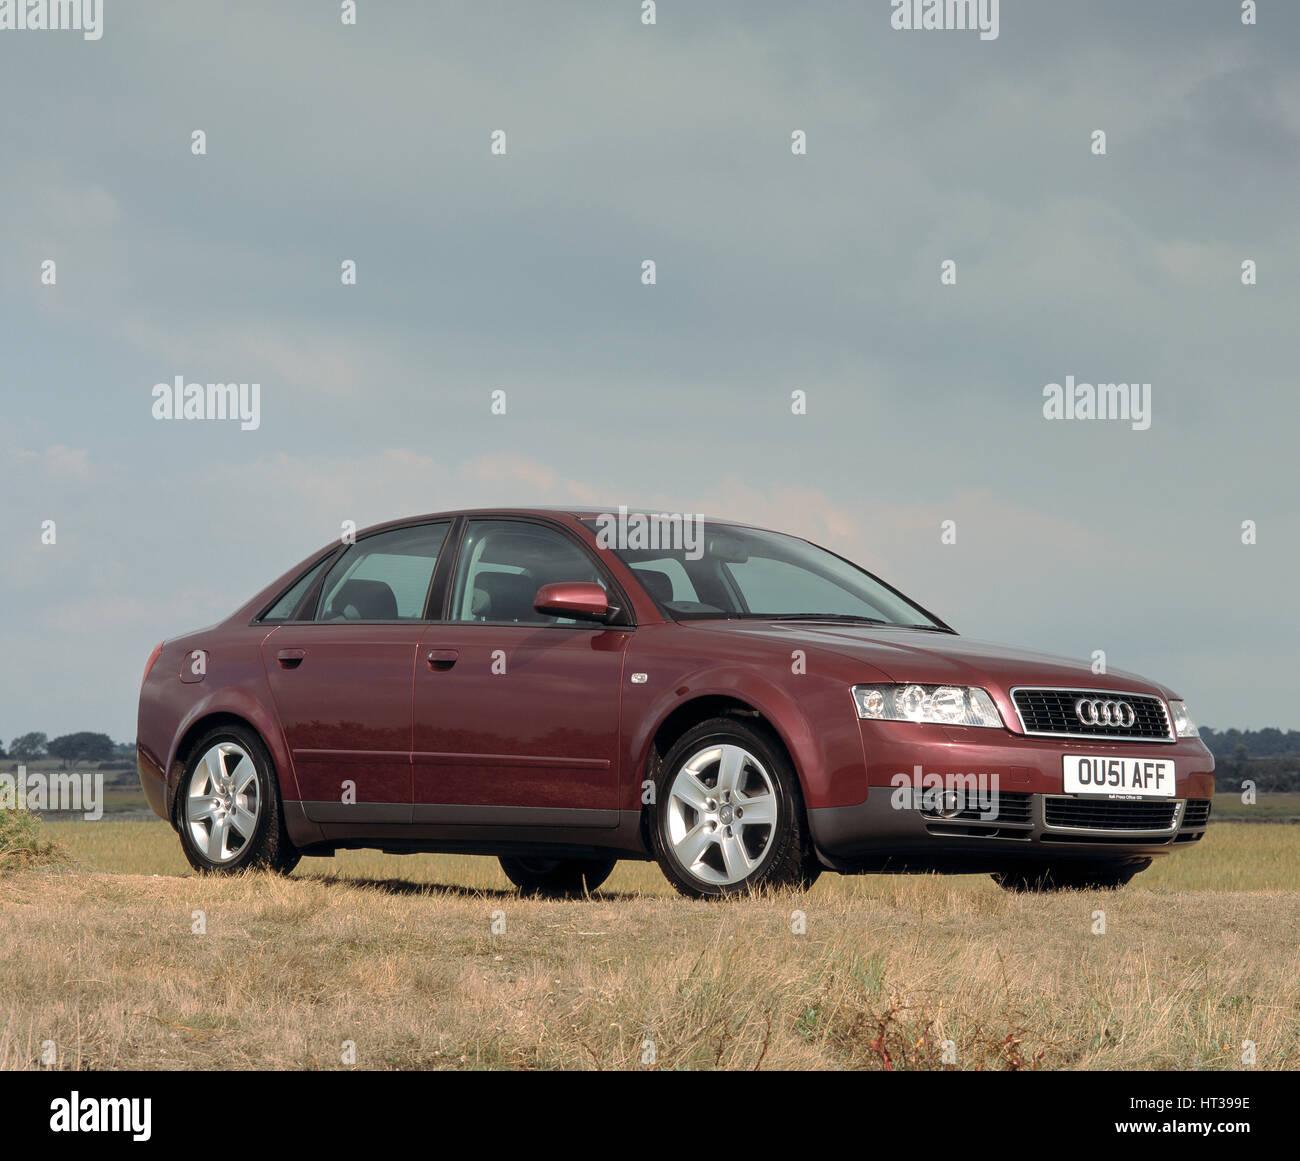 Audi A4 2 0 Stock Photos & Audi A4 2 0 Stock Images